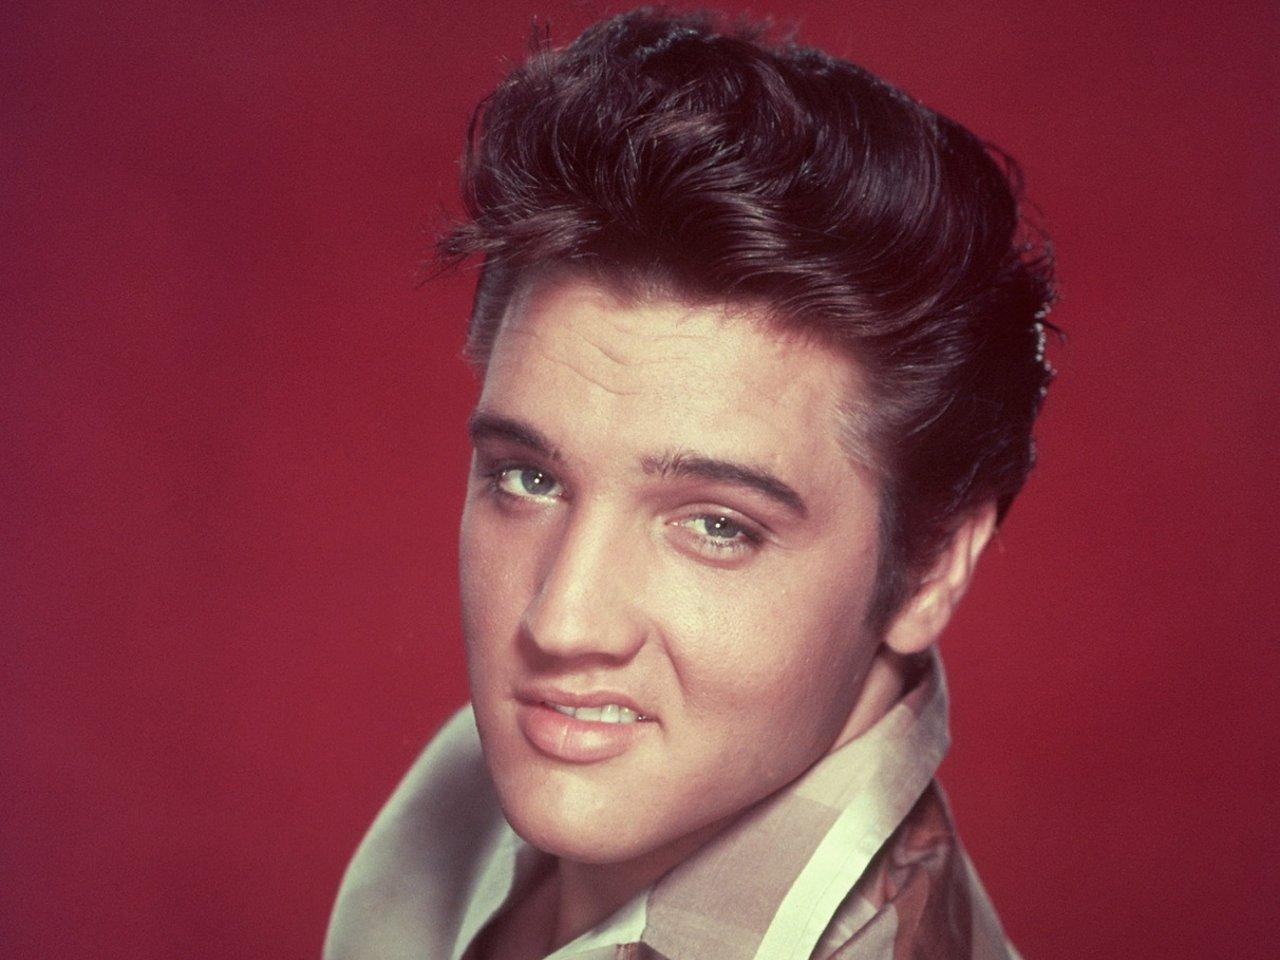 Элвис Пресли: История о том, как заика стал Королем рок-н-ролла